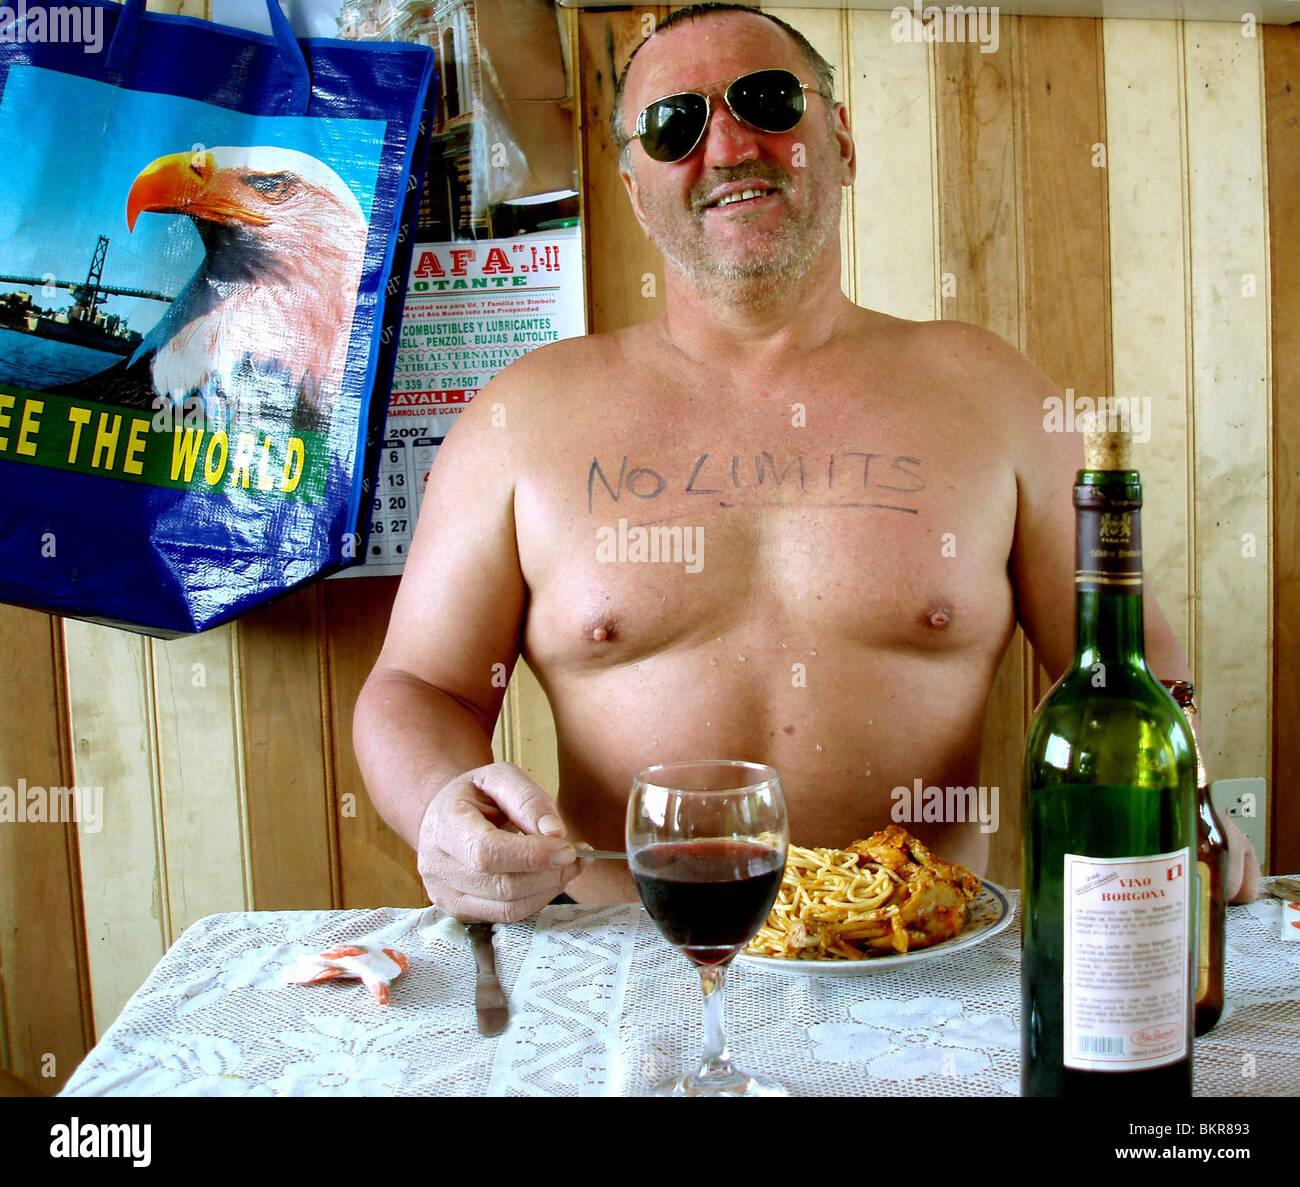 BIG RIVER MAN (2009) JOHN MARINOUIN (DIR) 001 - Stock Image